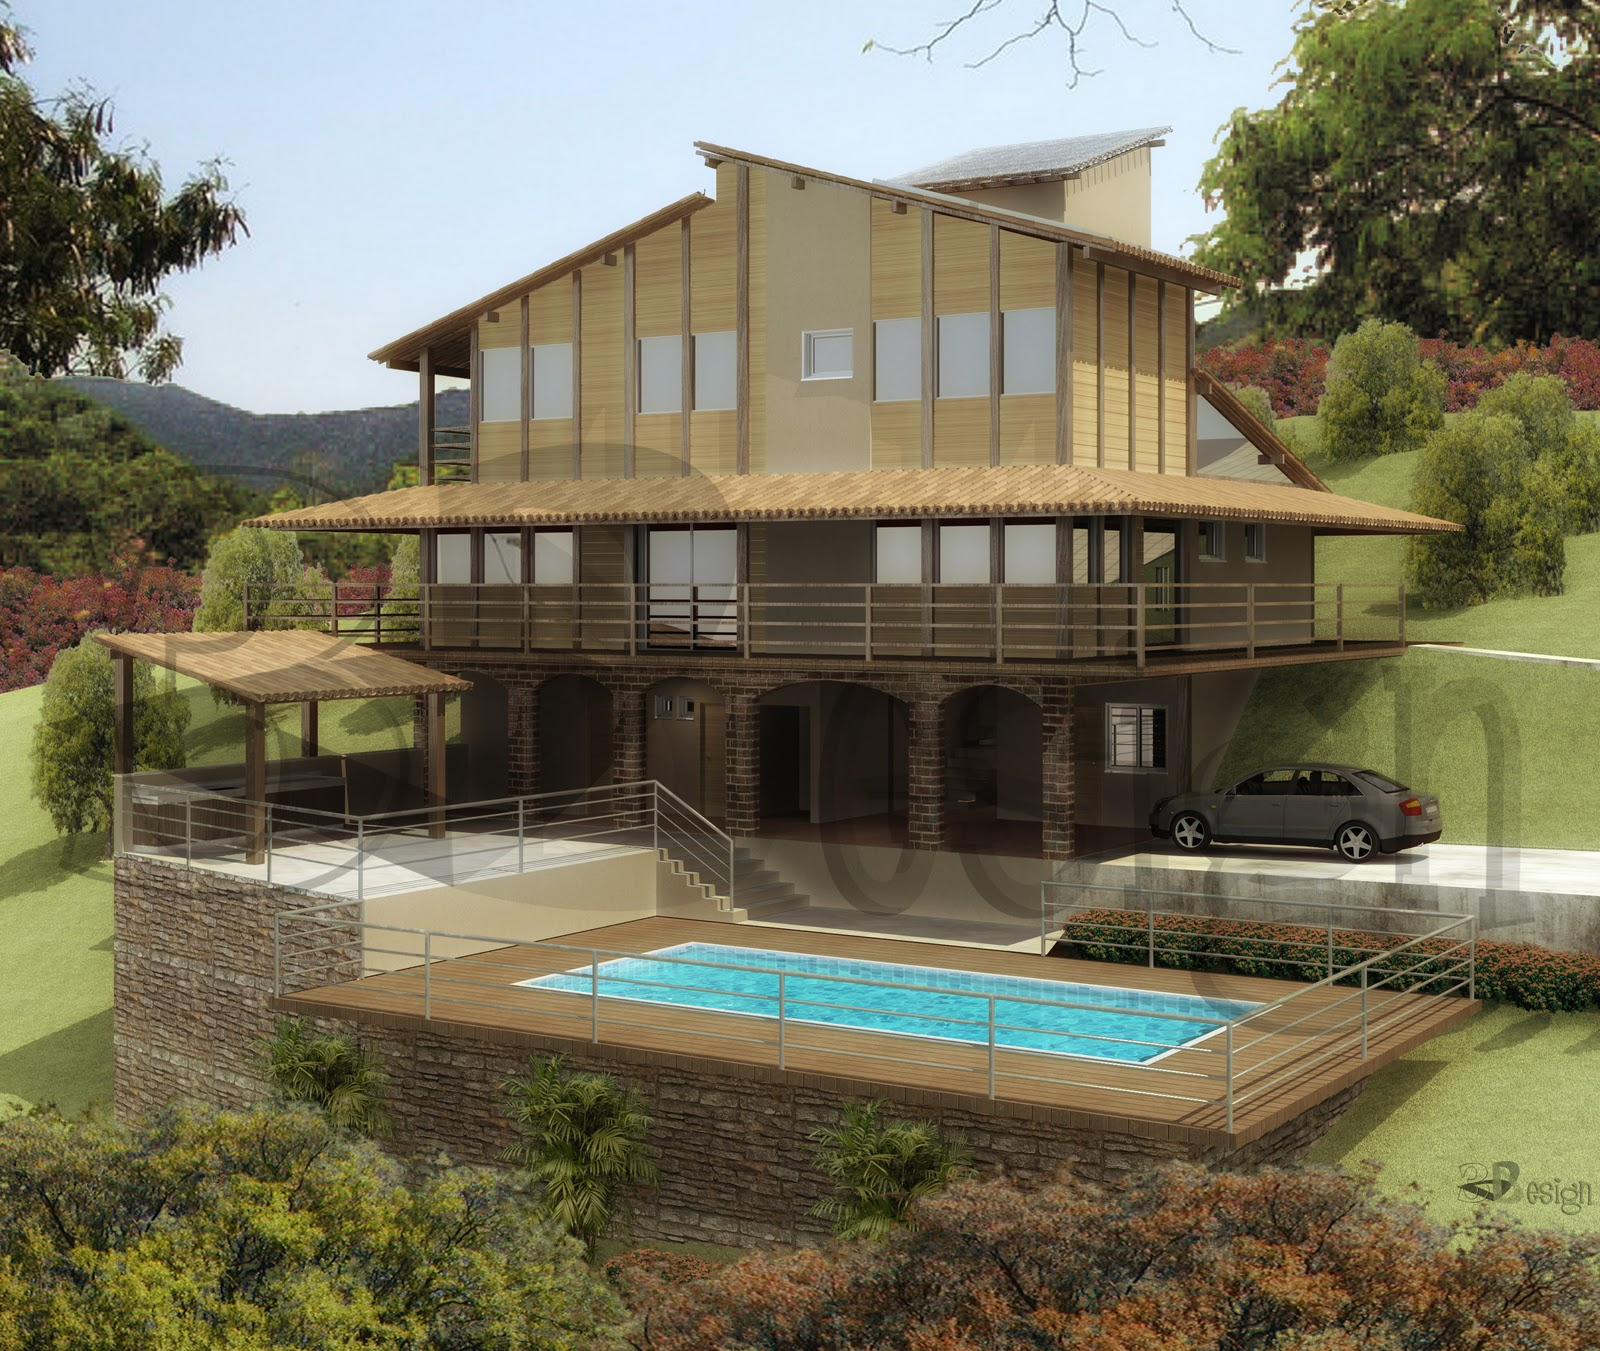 Fachadas de casas de campo modelos fotos for Modelo de casa de 4x6